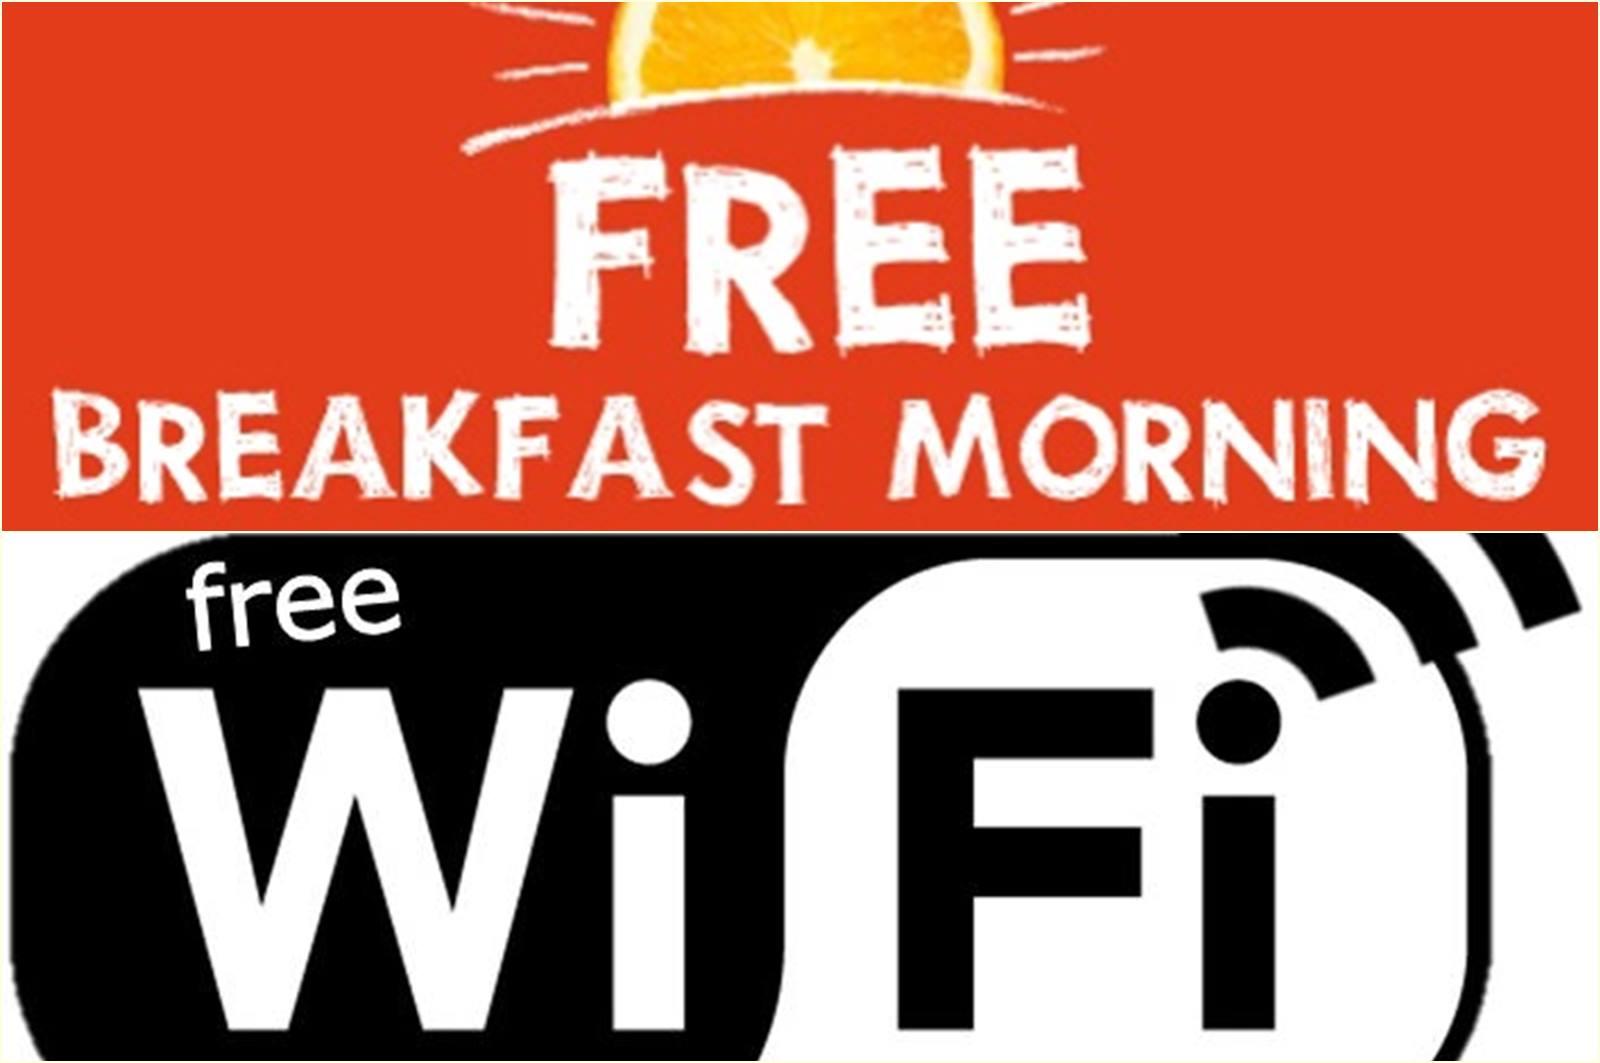 Free Wifi VS Free Breakfast?